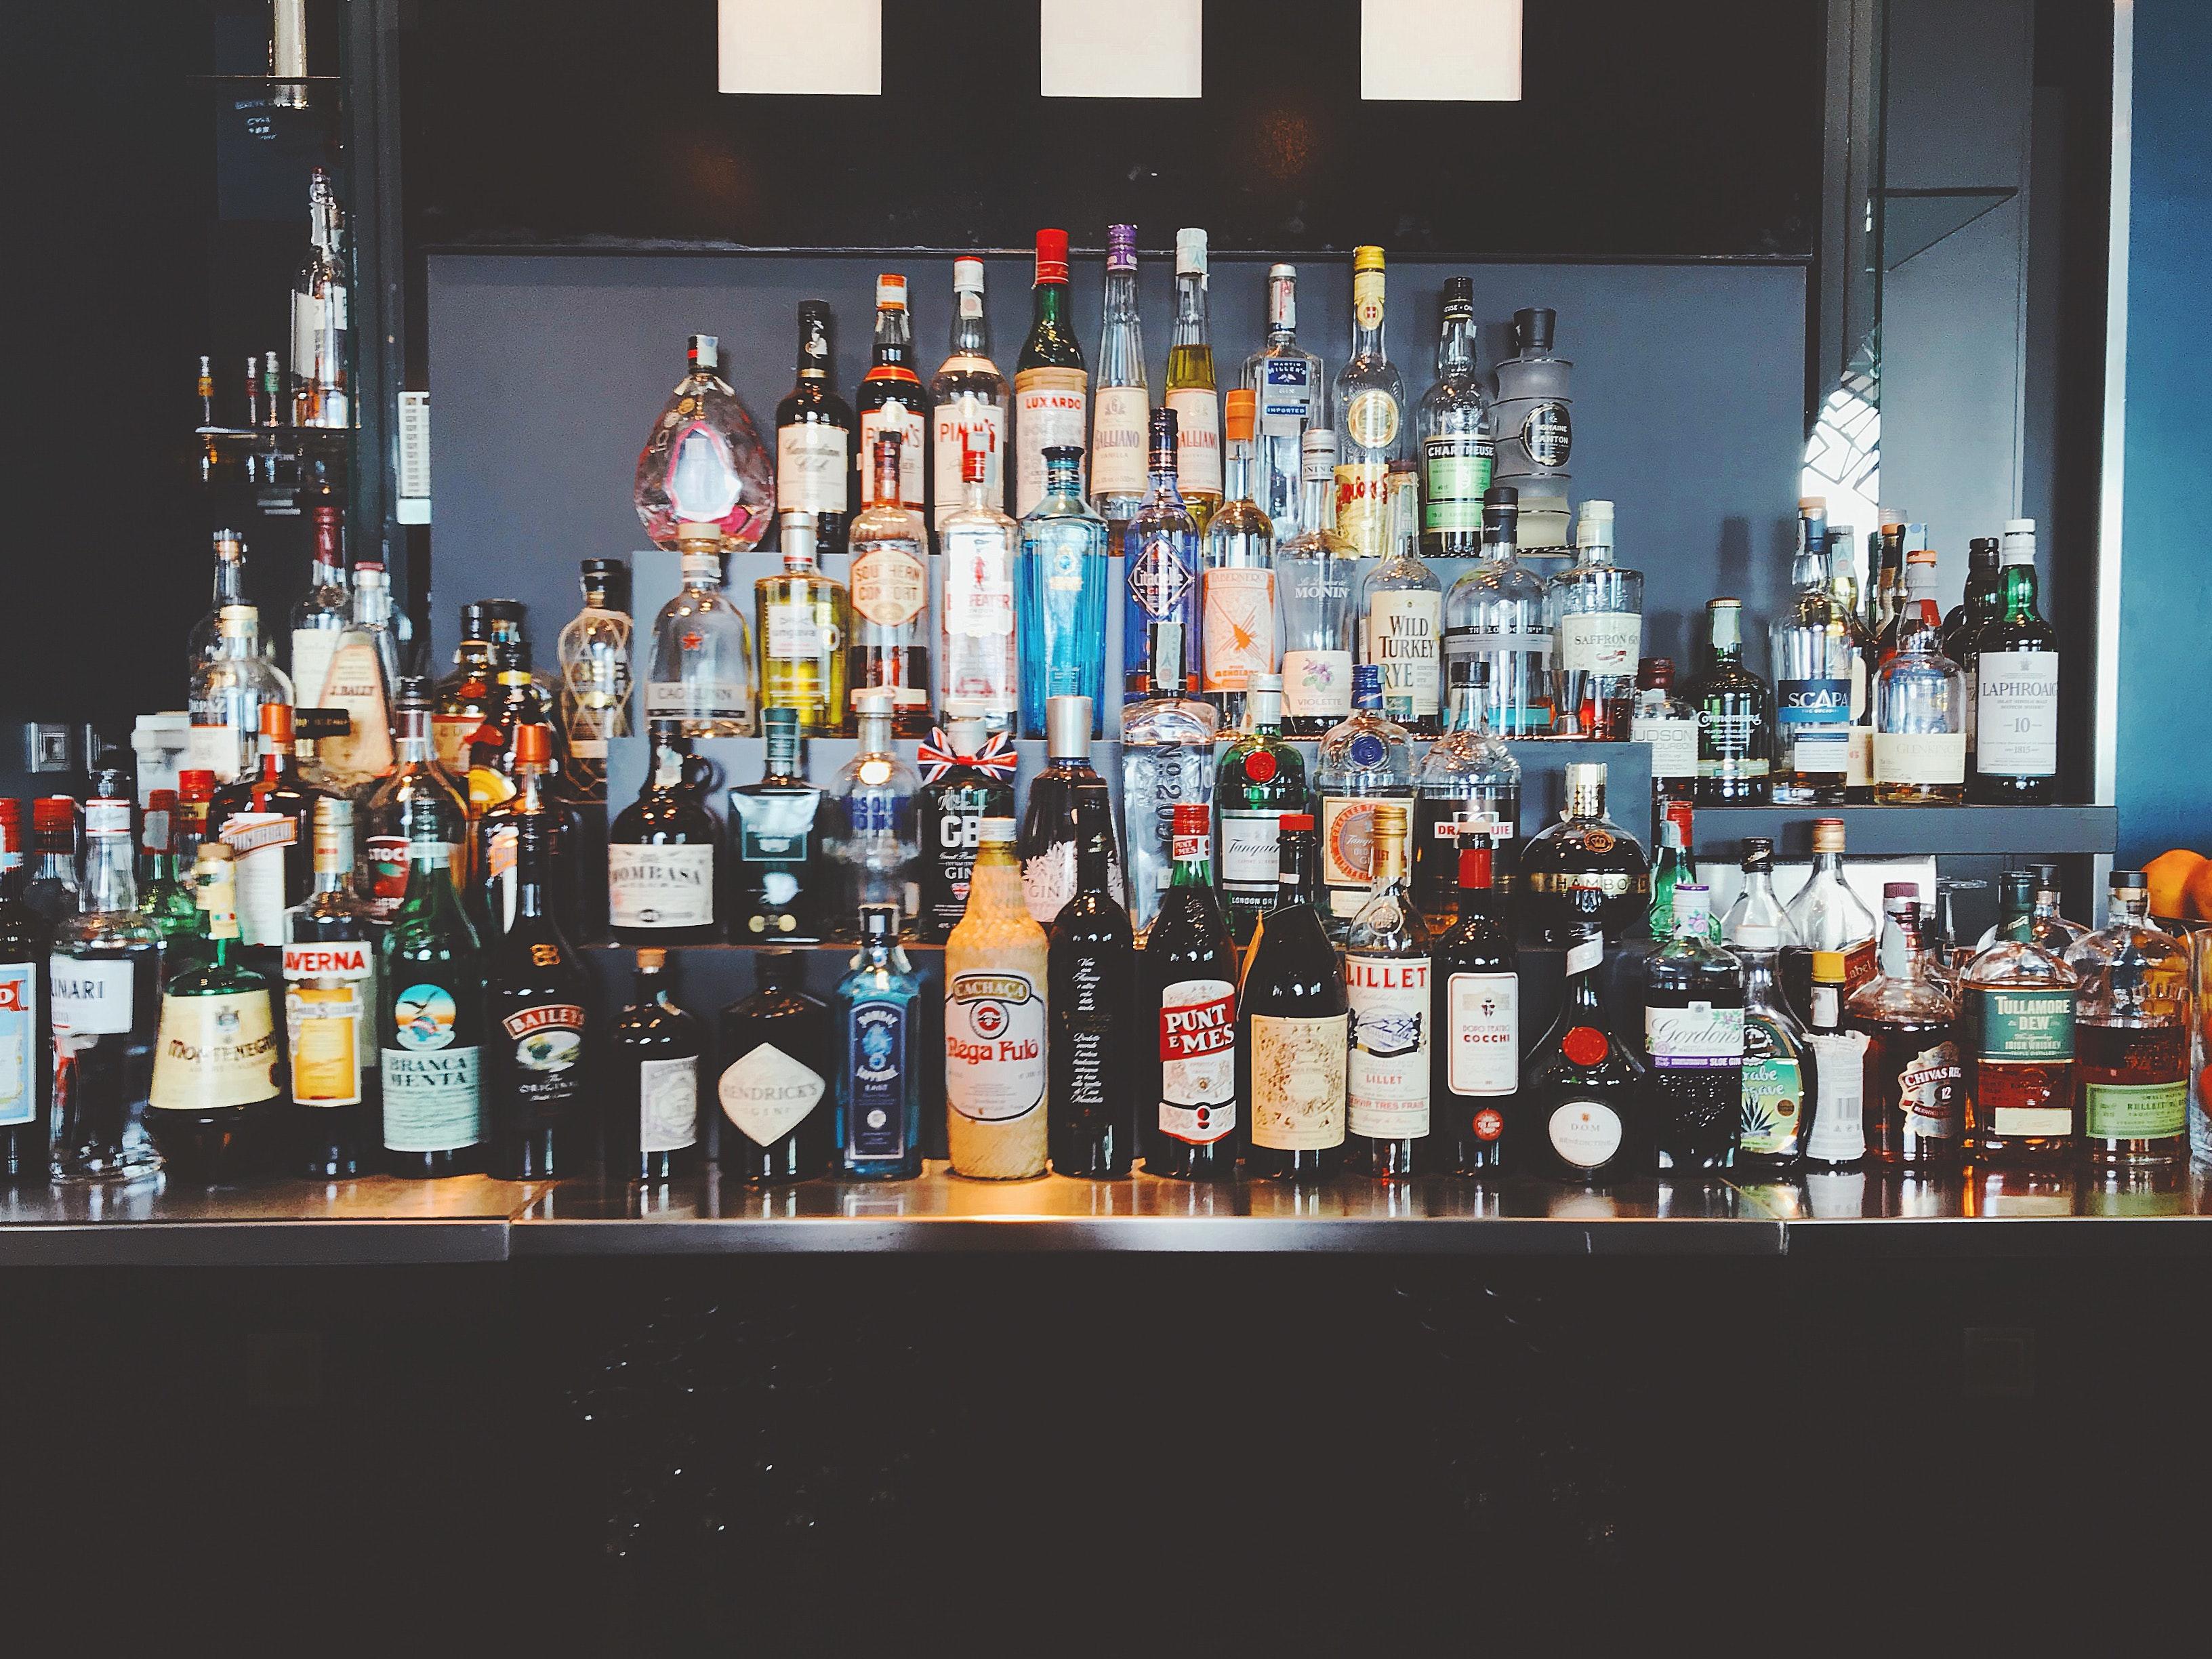 Kostenloses Foto zum Thema: alkohol, alkoholisches getränk, bar